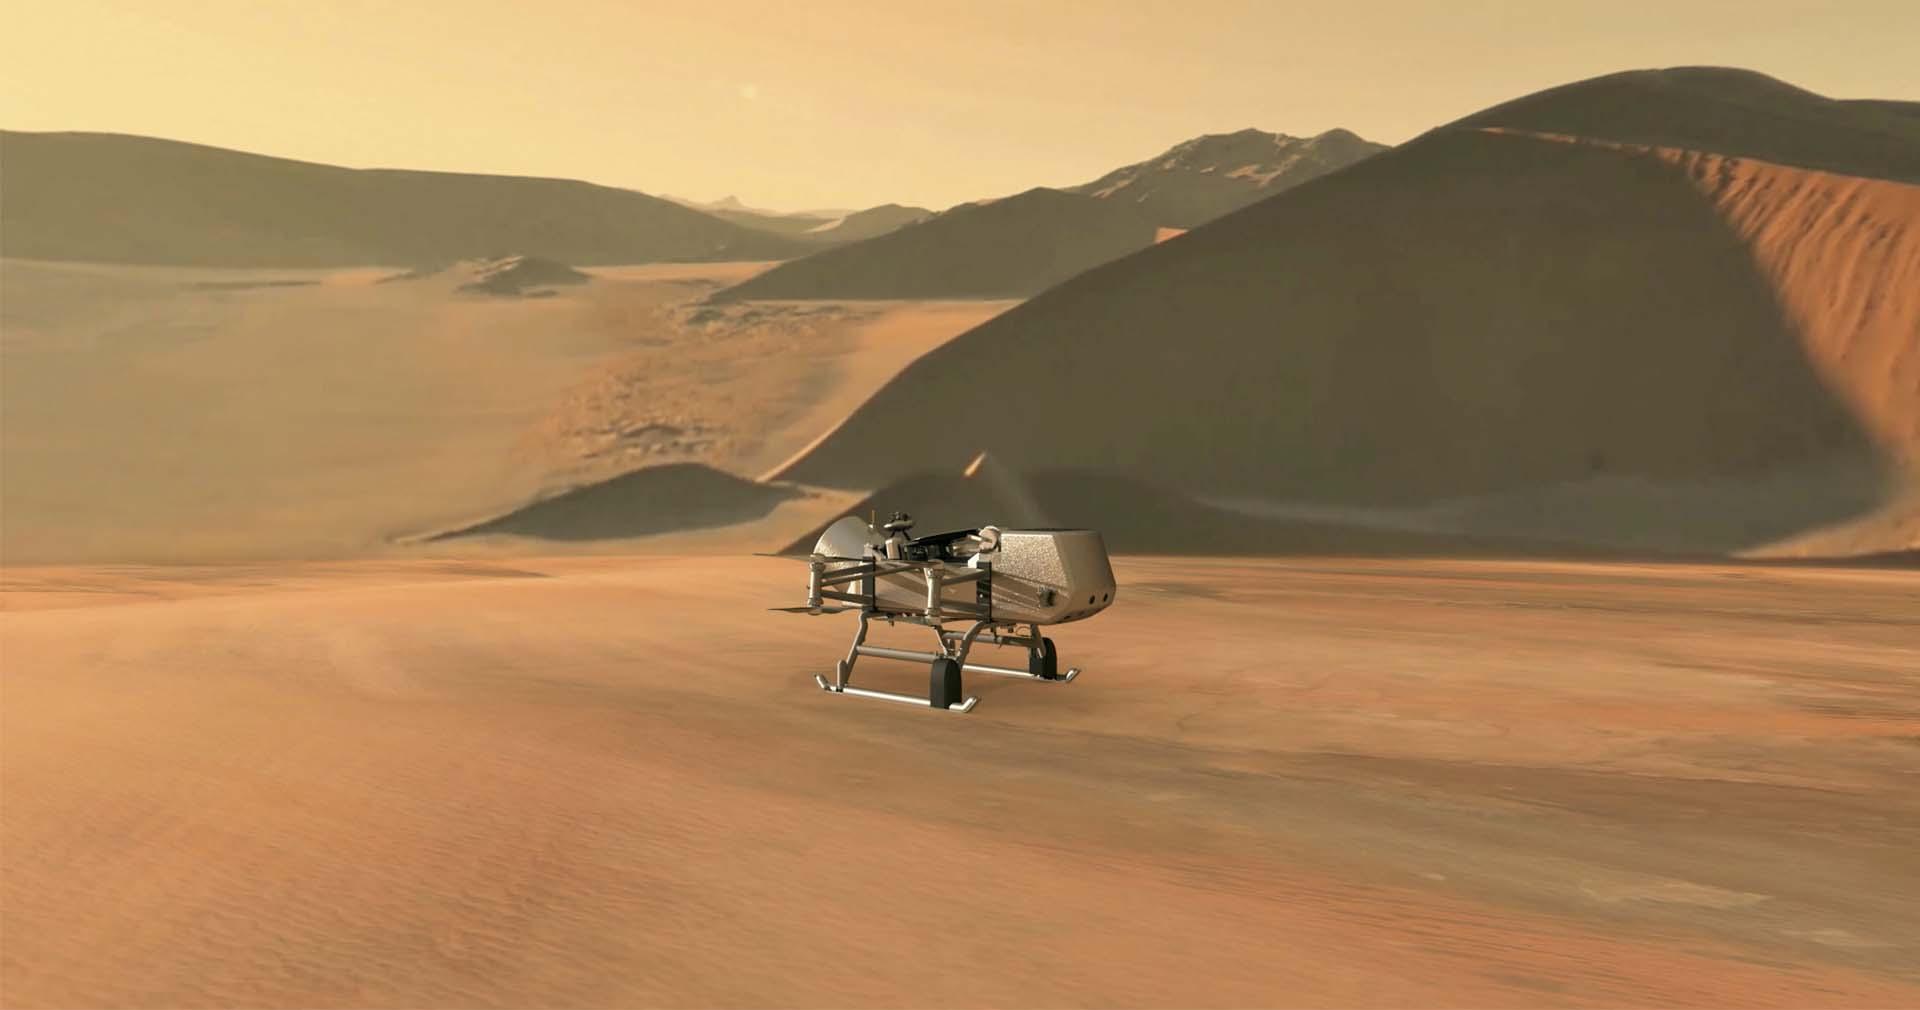 مهمة «Dragonfly»: رحلة مستقبلية تهبط على تيتان قمر زحل Dragon-fly-titan